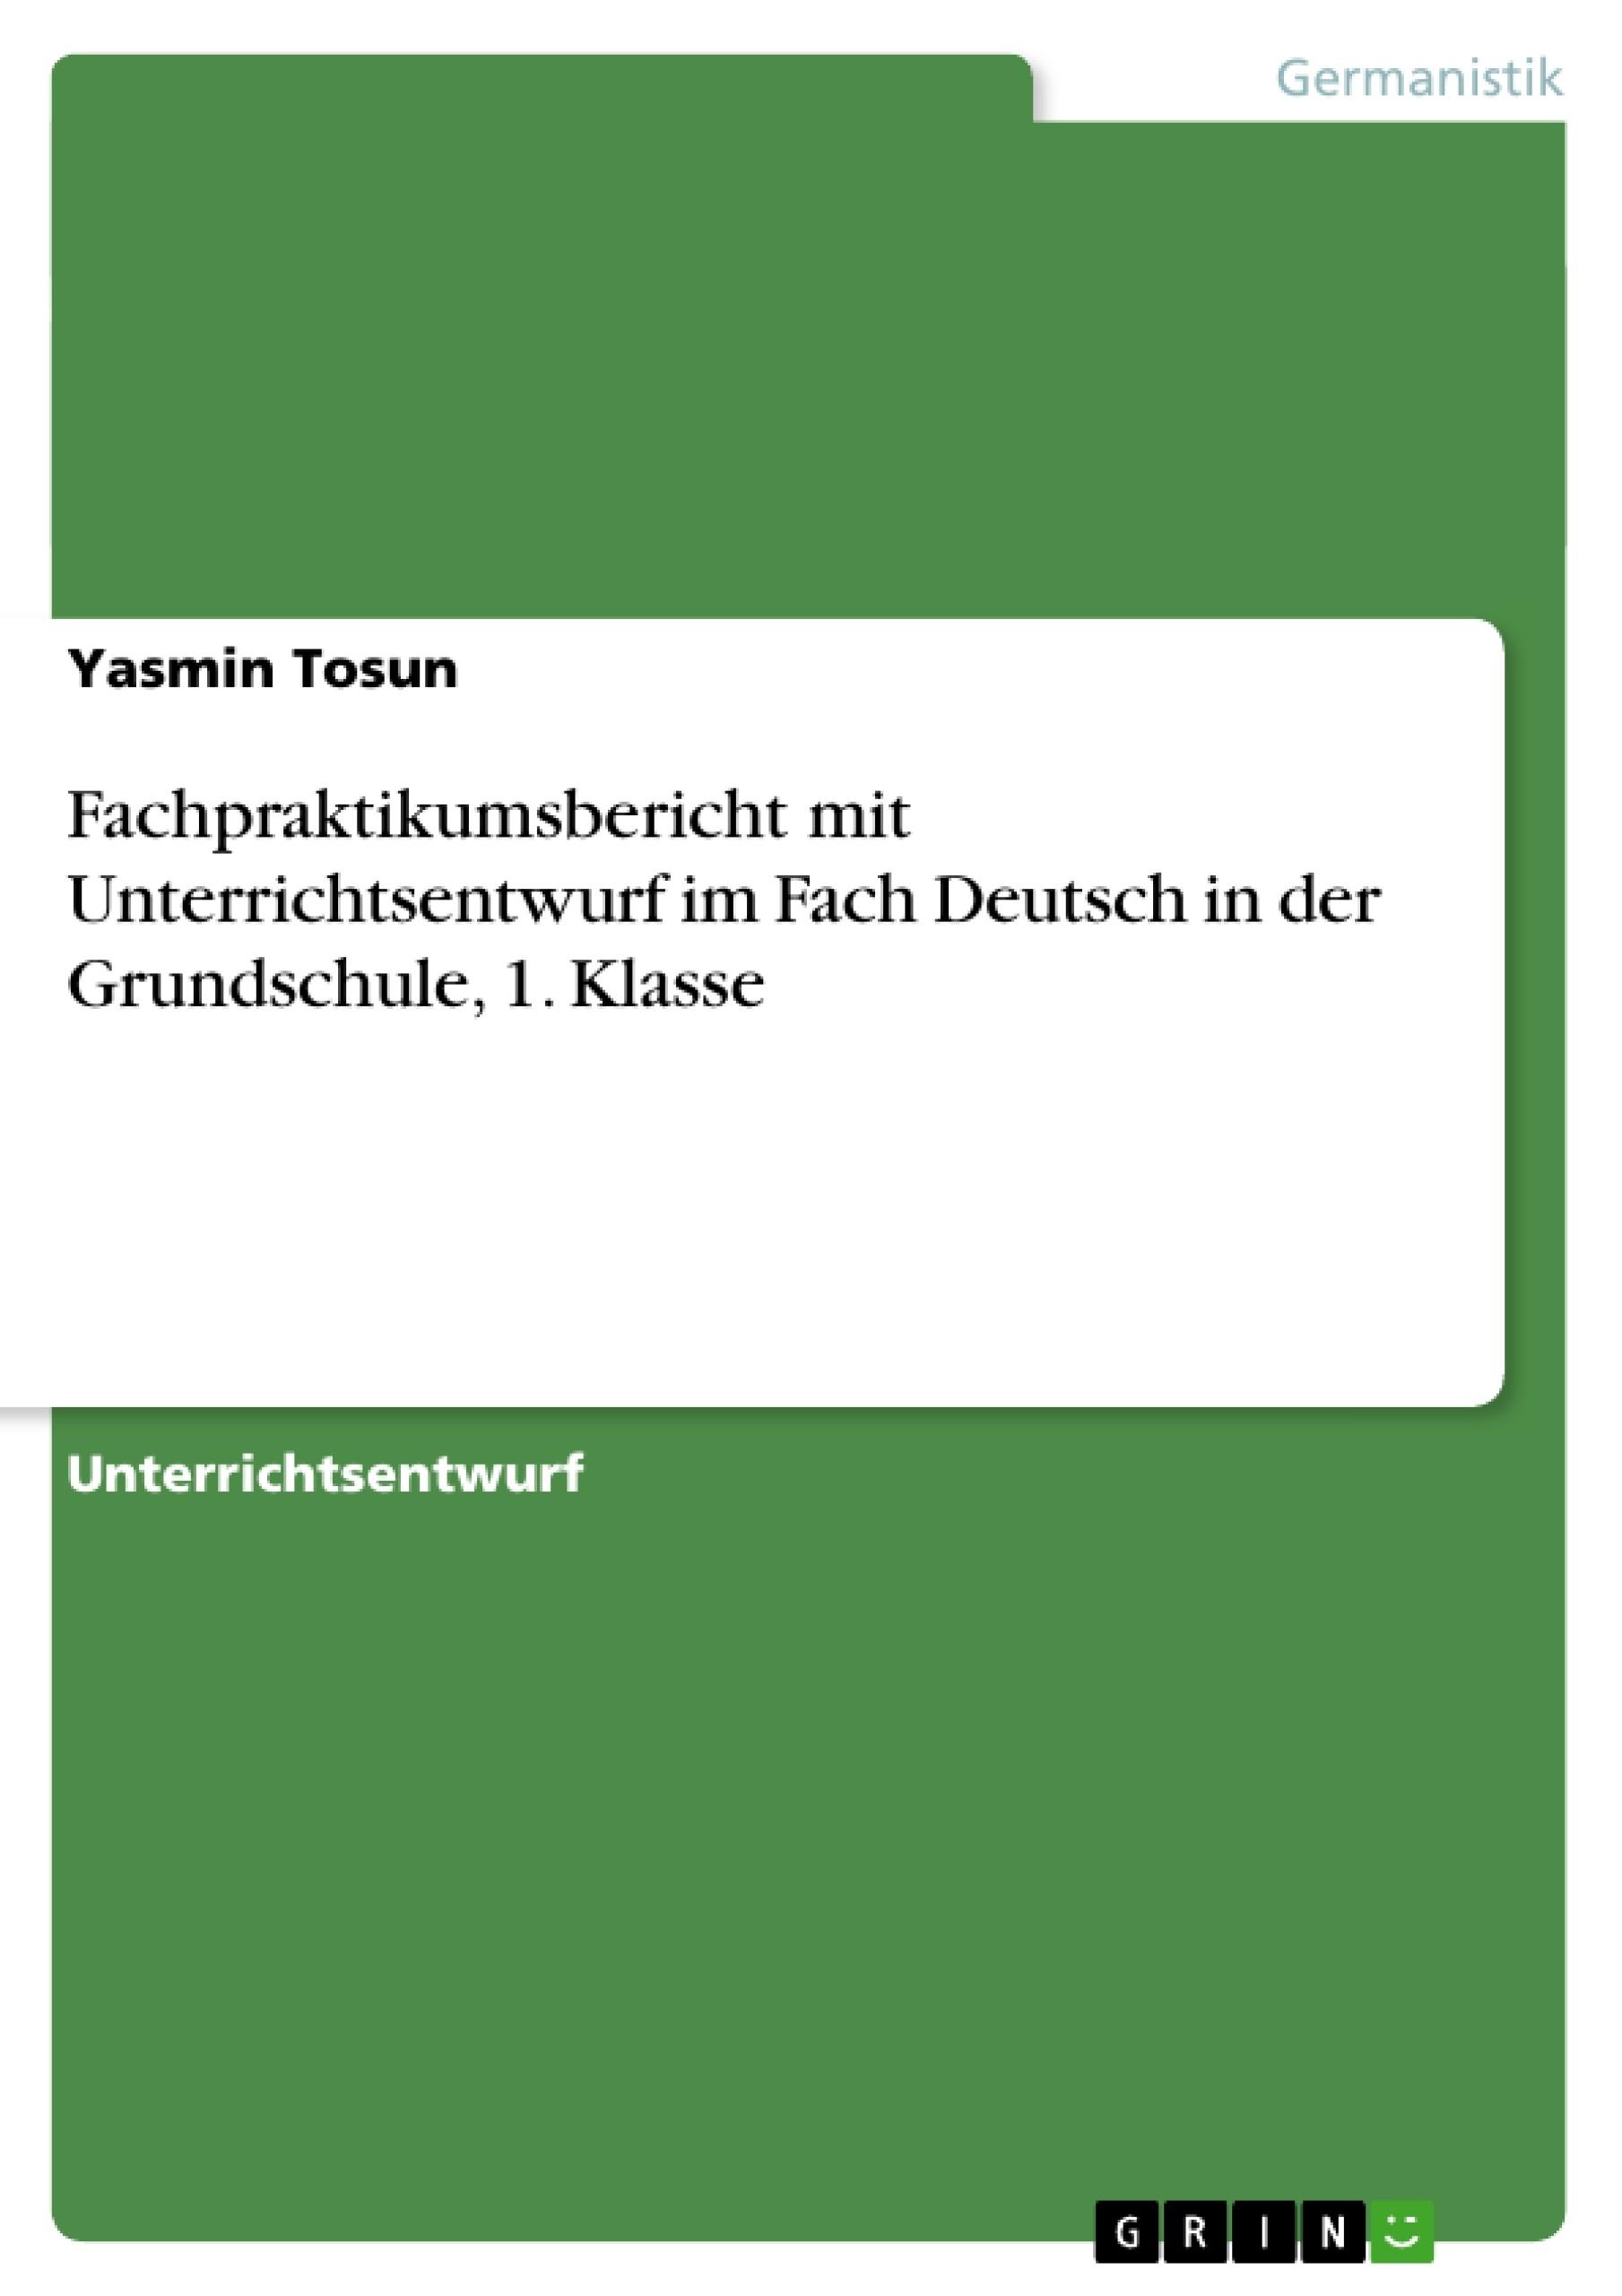 Titel: Fachpraktikumsbericht mit Unterrichtsentwurf im Fach Deutsch in der Grundschule, 1. Klasse